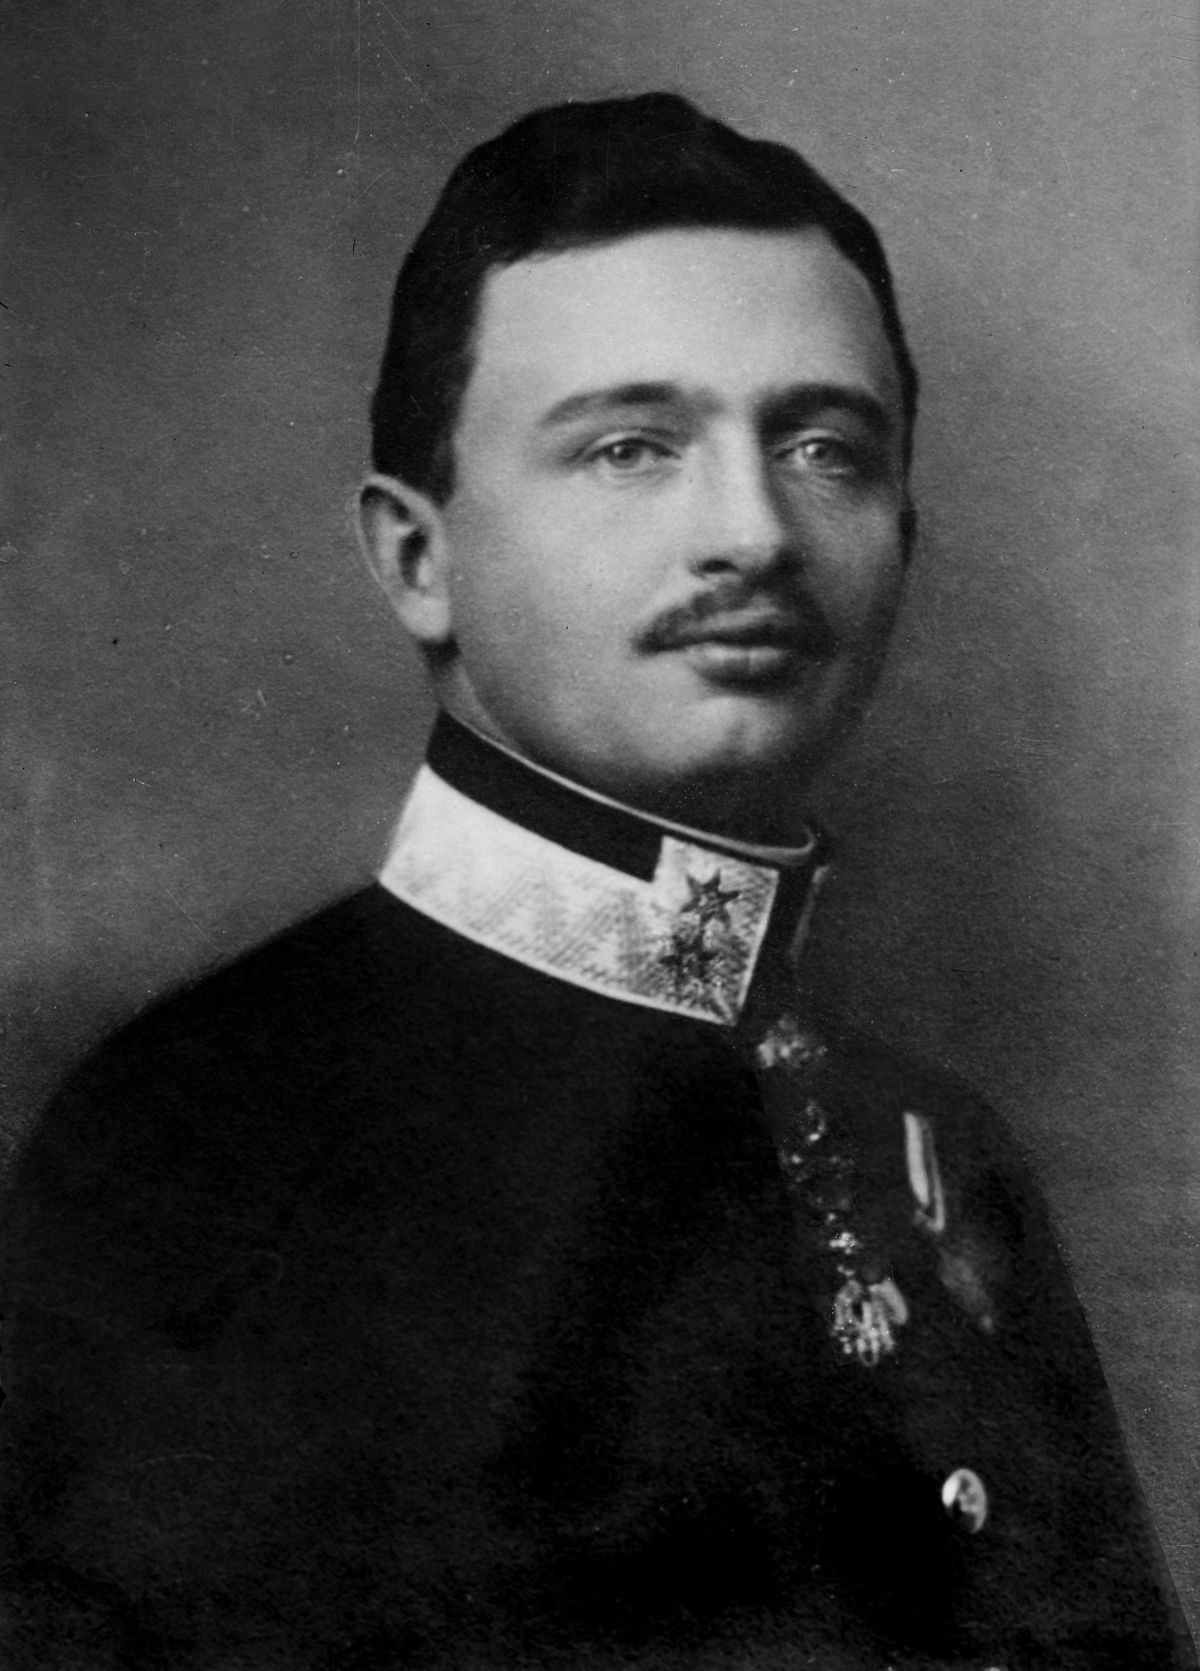 Останній Габсбурзький імператор Карл І